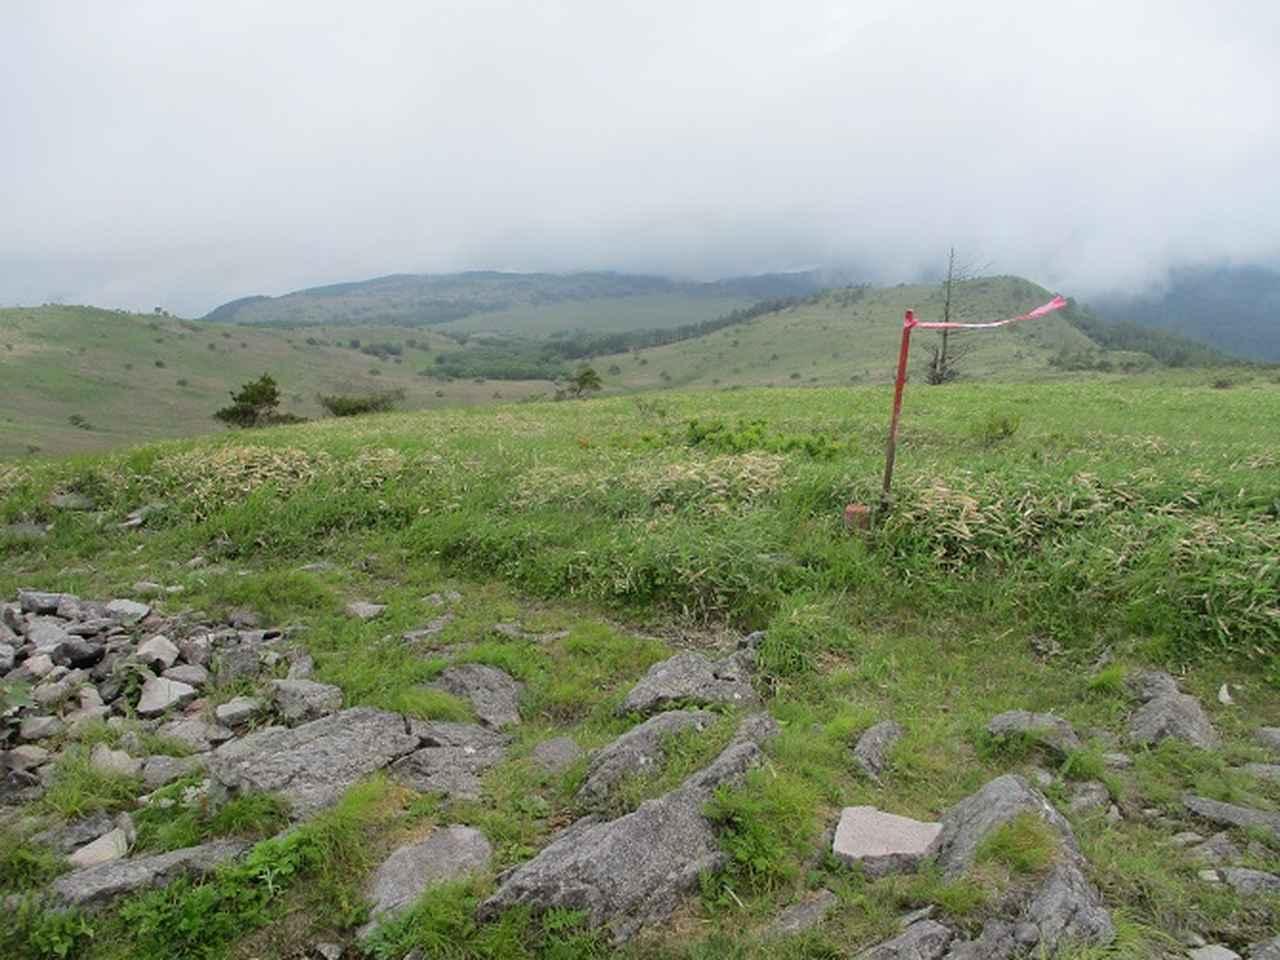 画像7: 7月の山旅会 「男女倉山」 ツアーの下見に行ってきました!